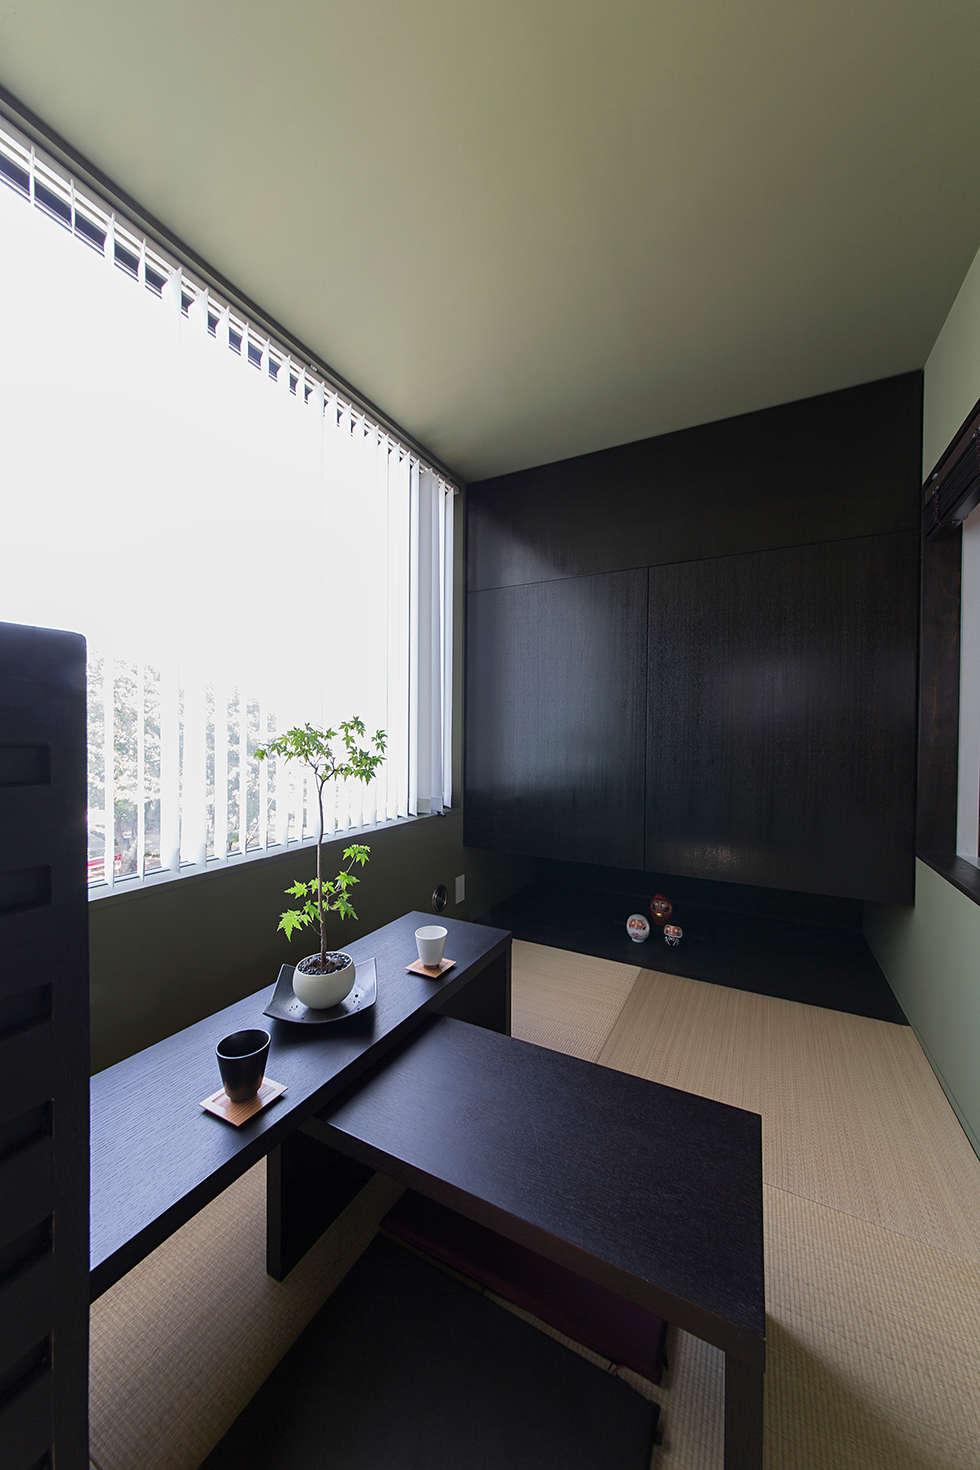 秘密基地のある家: ラブデザインホームズ/LOVE DESIGN HOMESが手掛けた和室です。